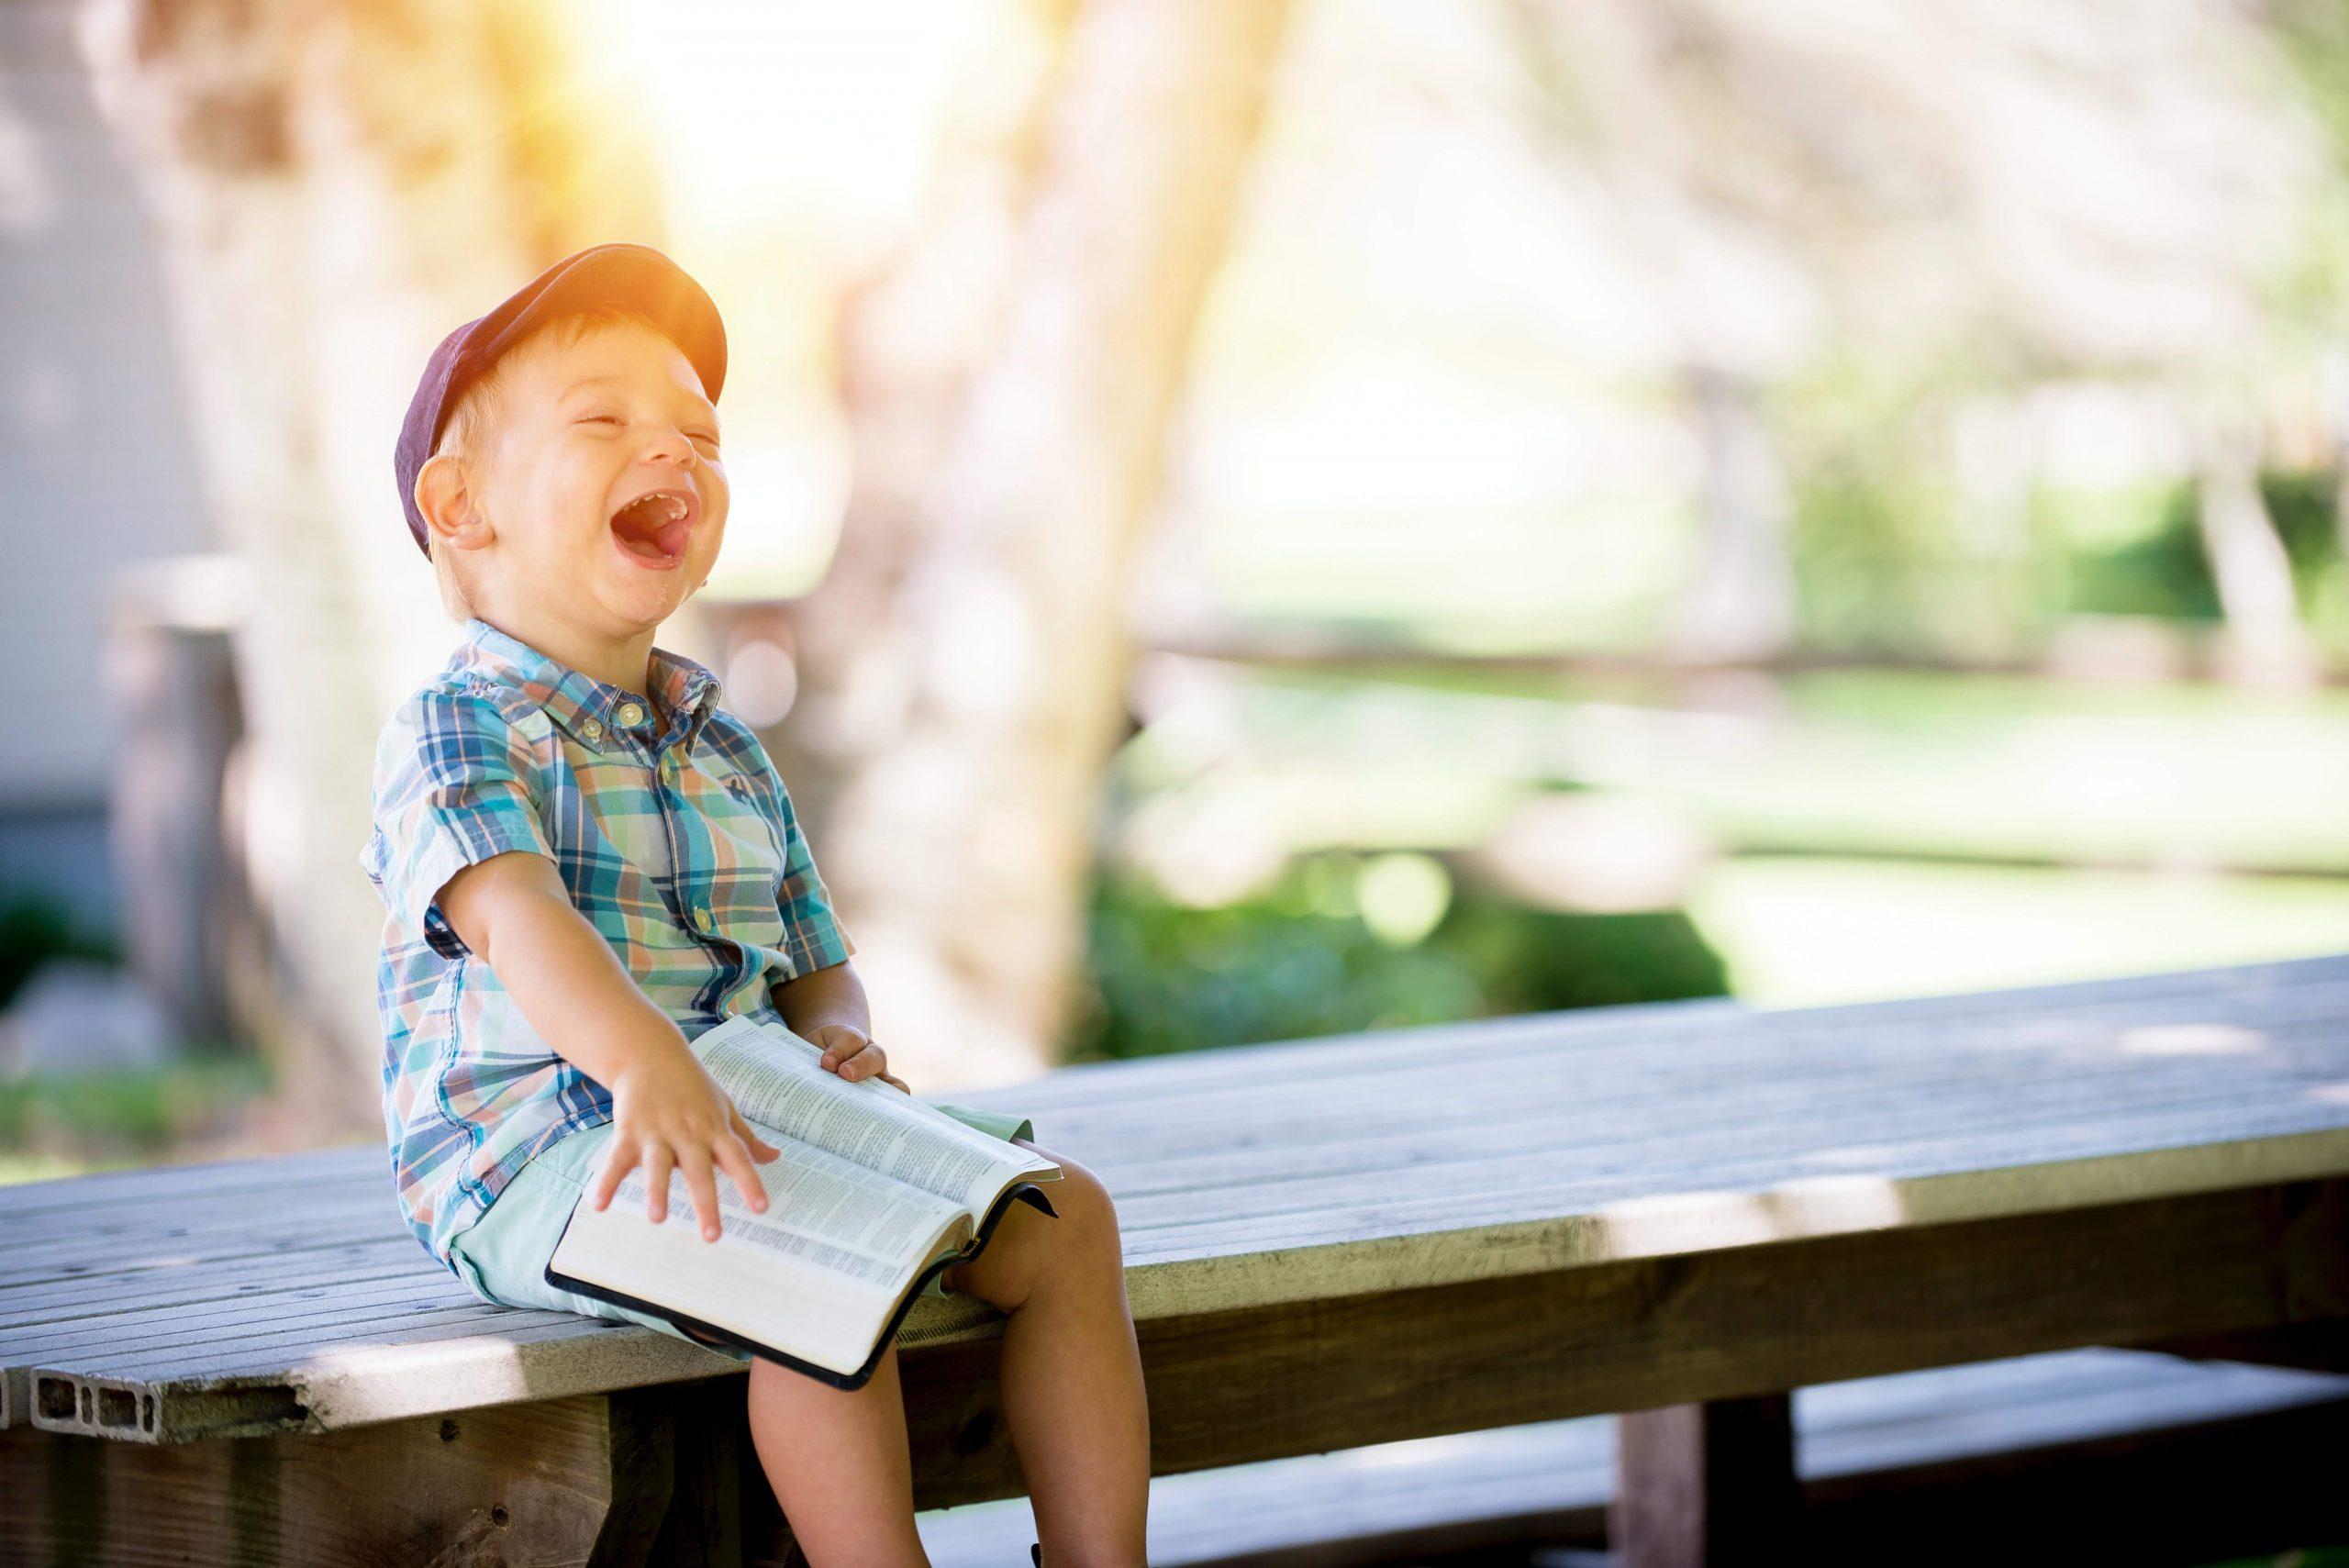 névválasztás egy olyan döntés, ami örökre szól és végig kíséri gyermekünket egész élete során.